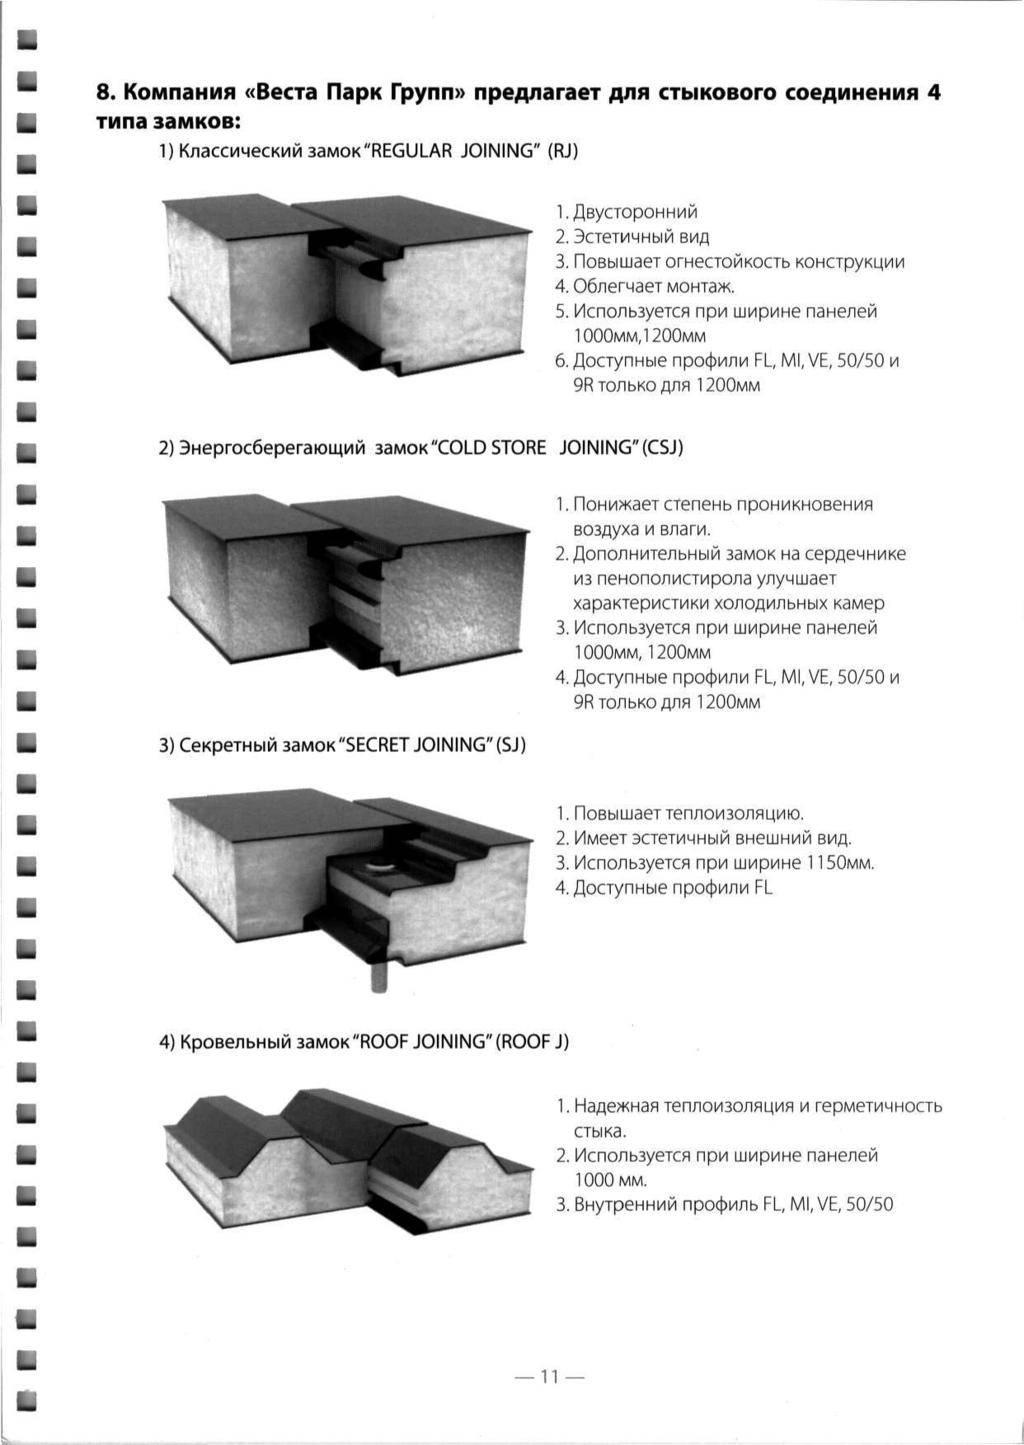 Кровельные сэндвич панели: виды, характеристики, правила монтажа + обзор лучших производителей